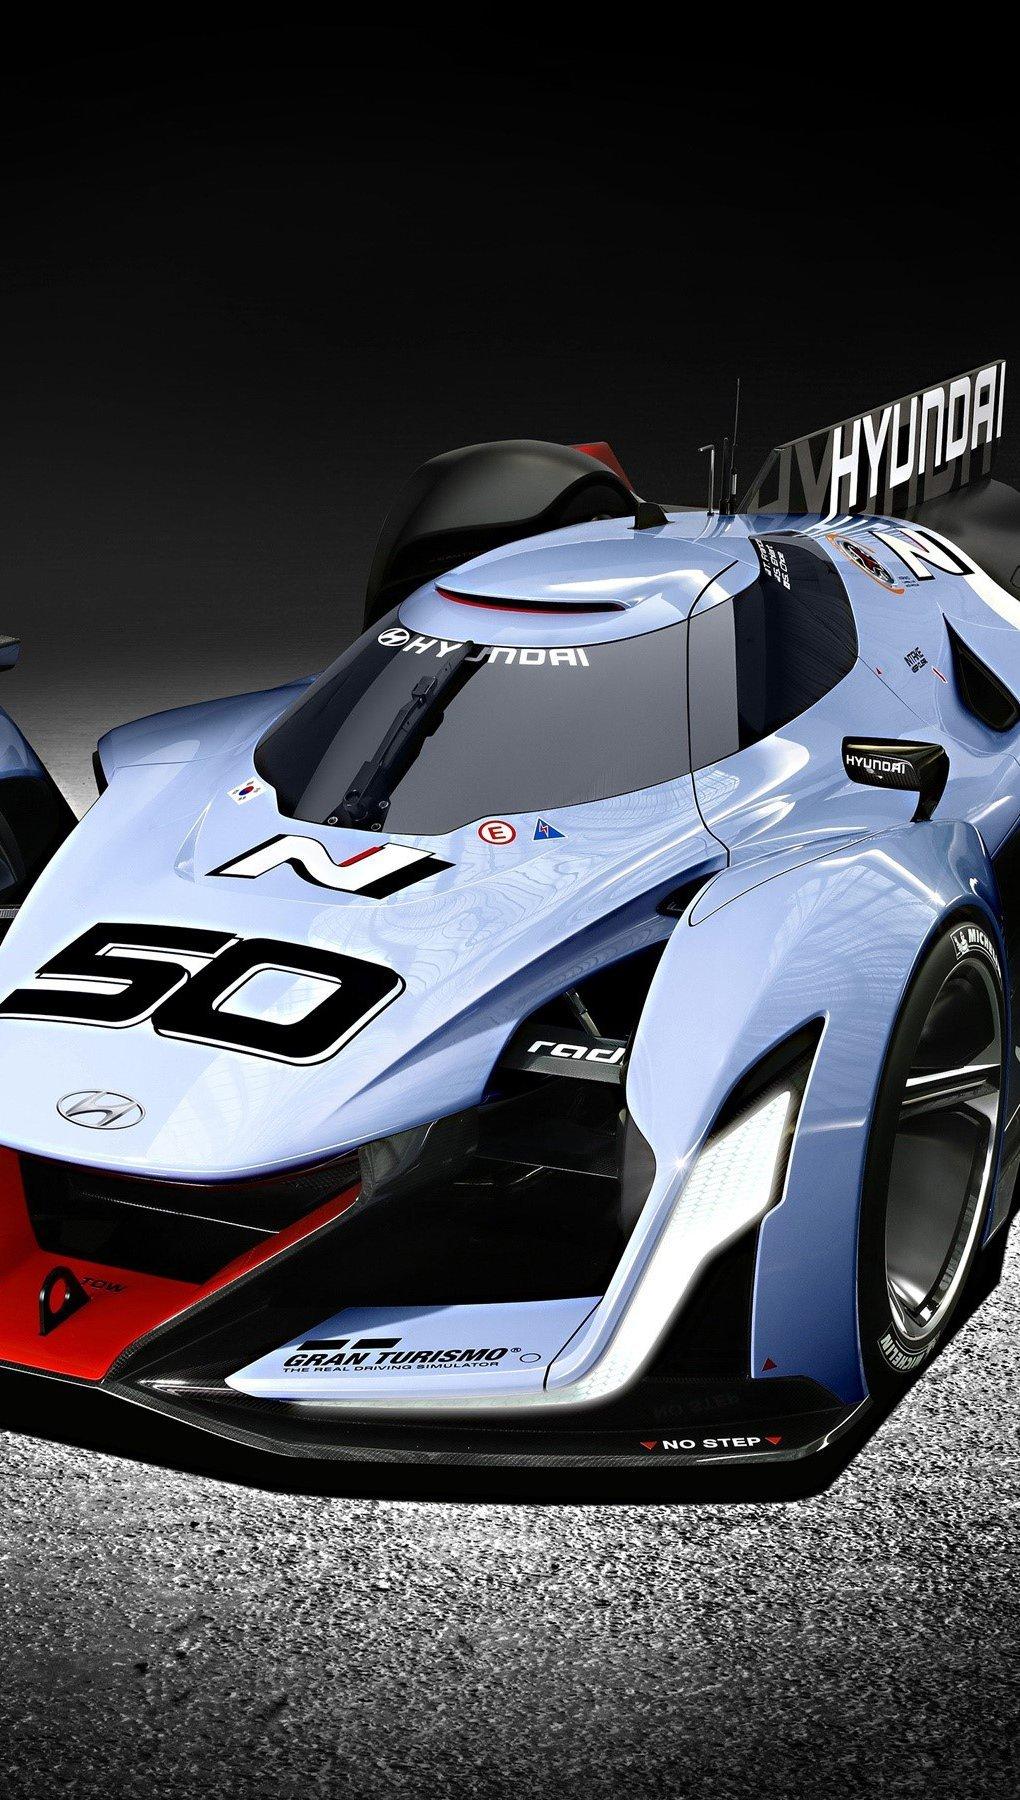 Wallpaper Hyundai N 2025 Vision Gran Turismo Vertical